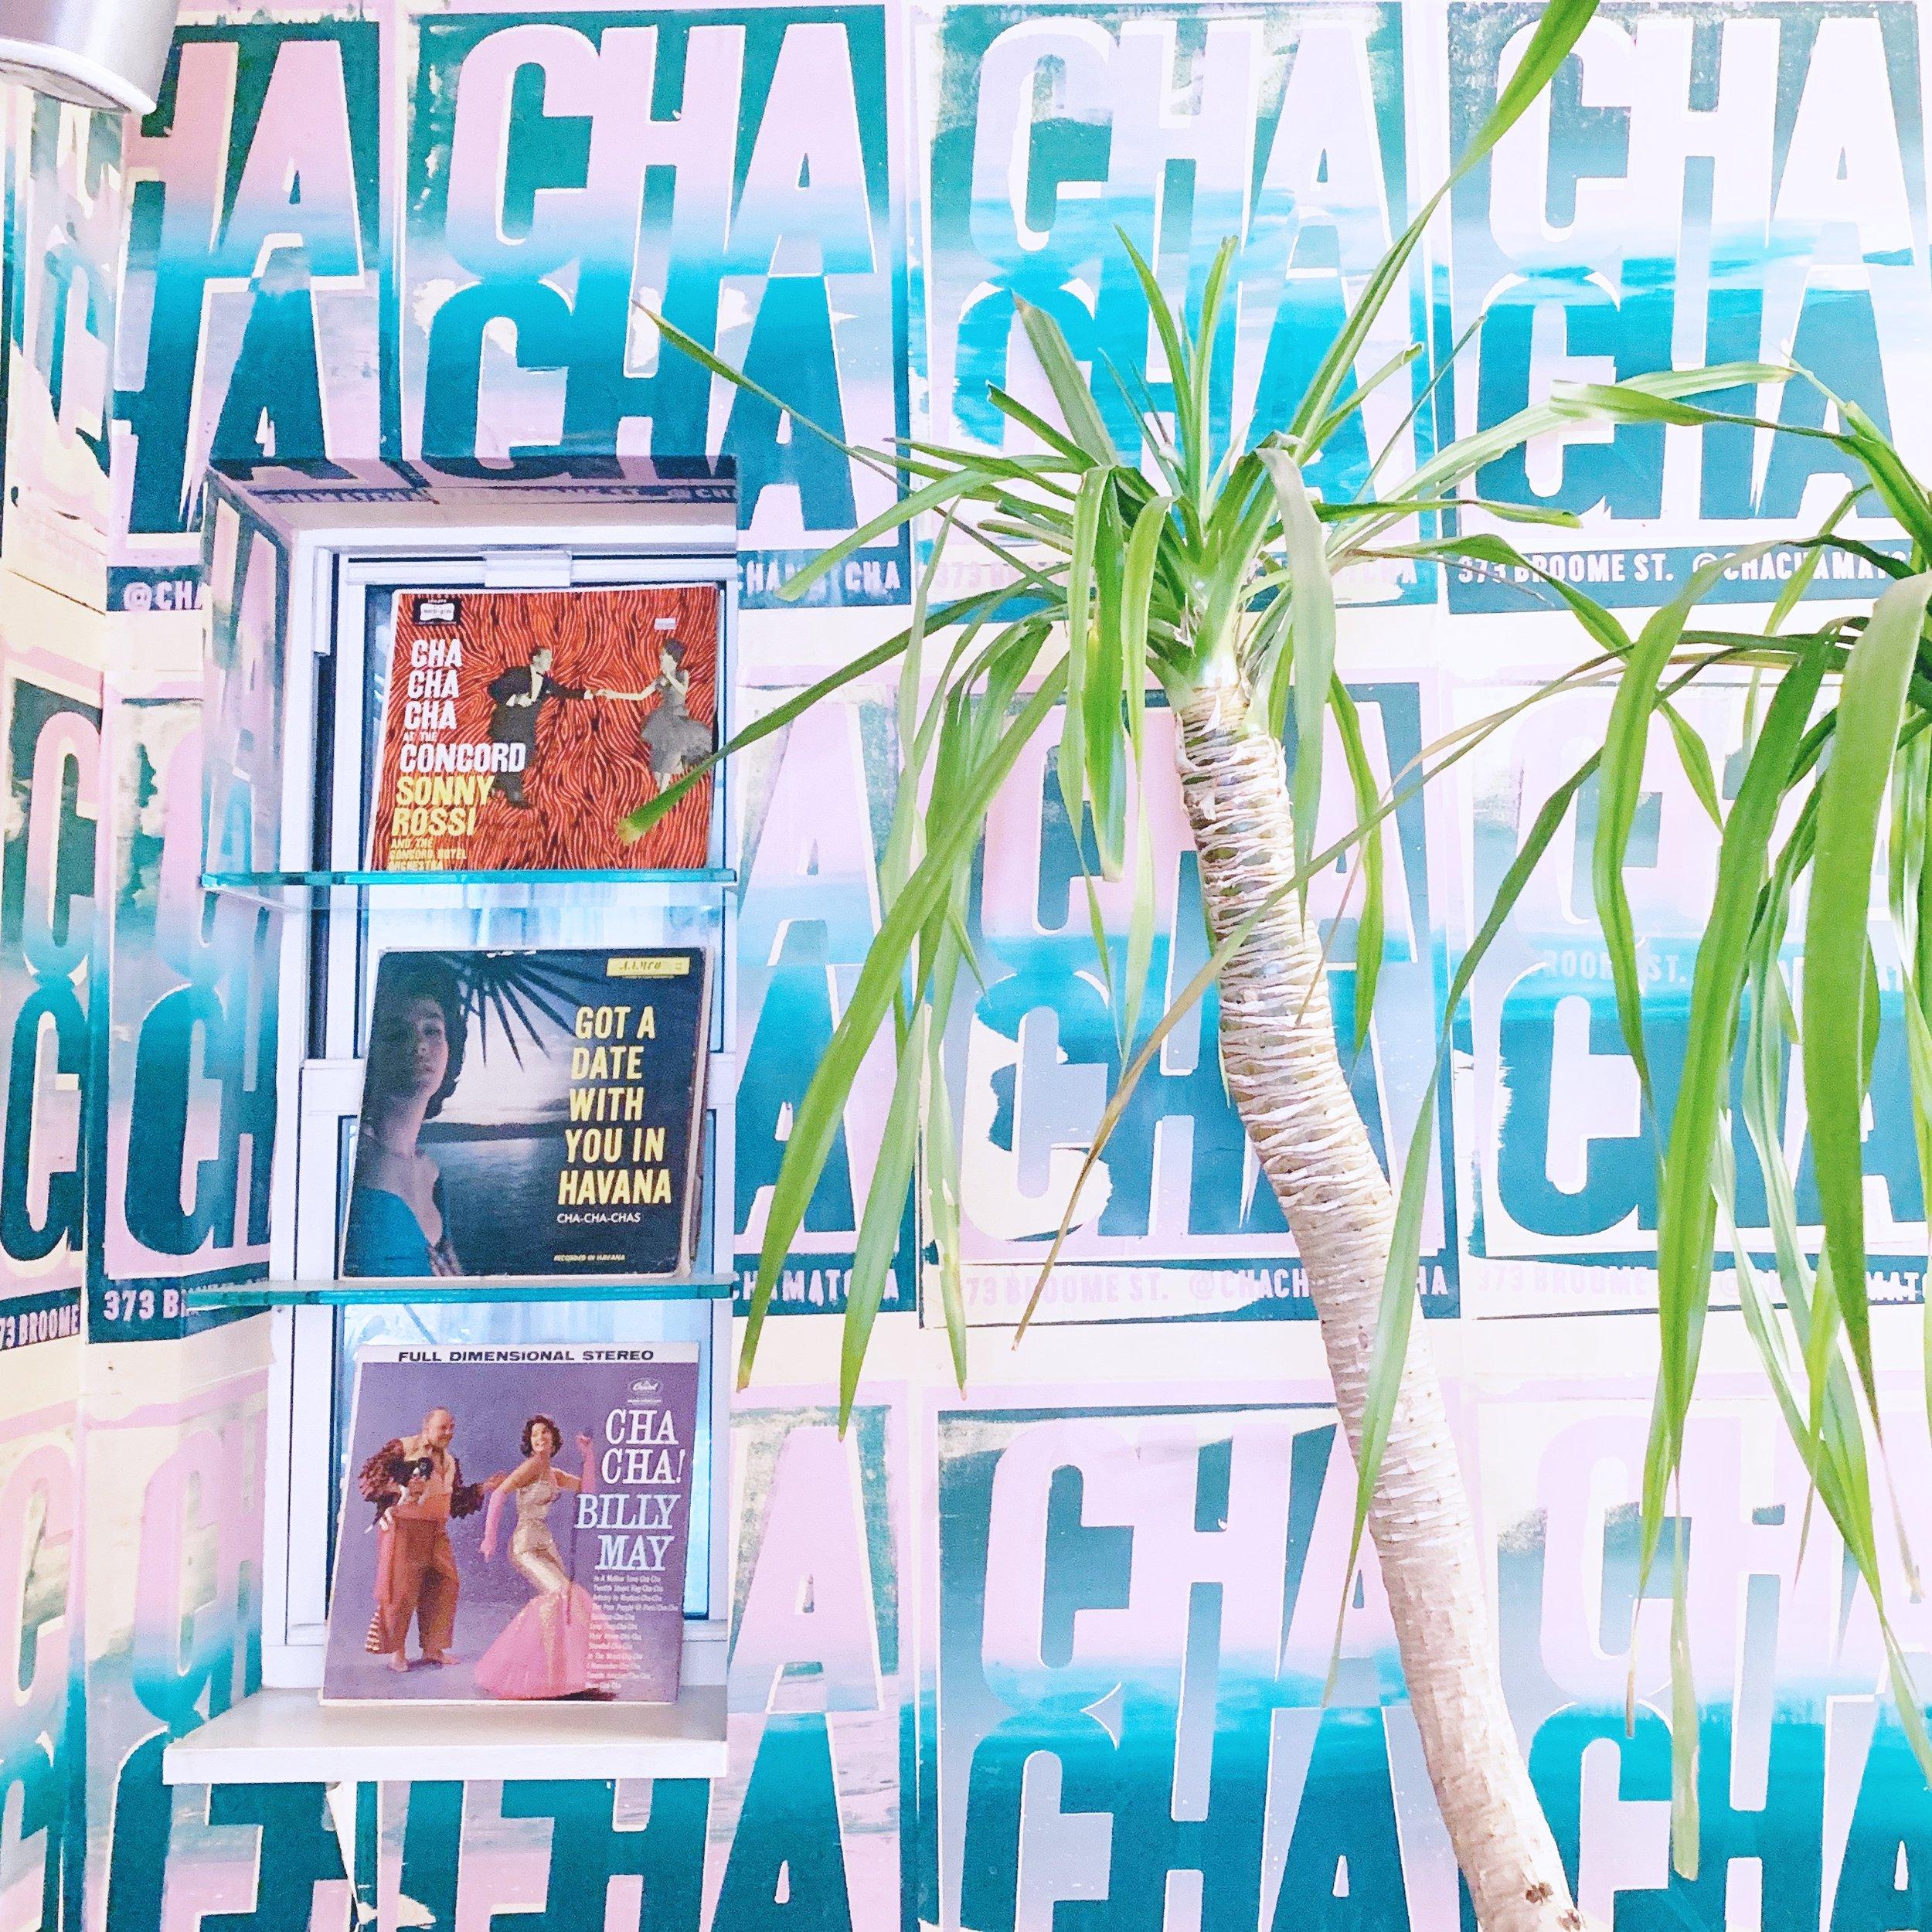 Cha Cha Matcha + The Caroline Doll